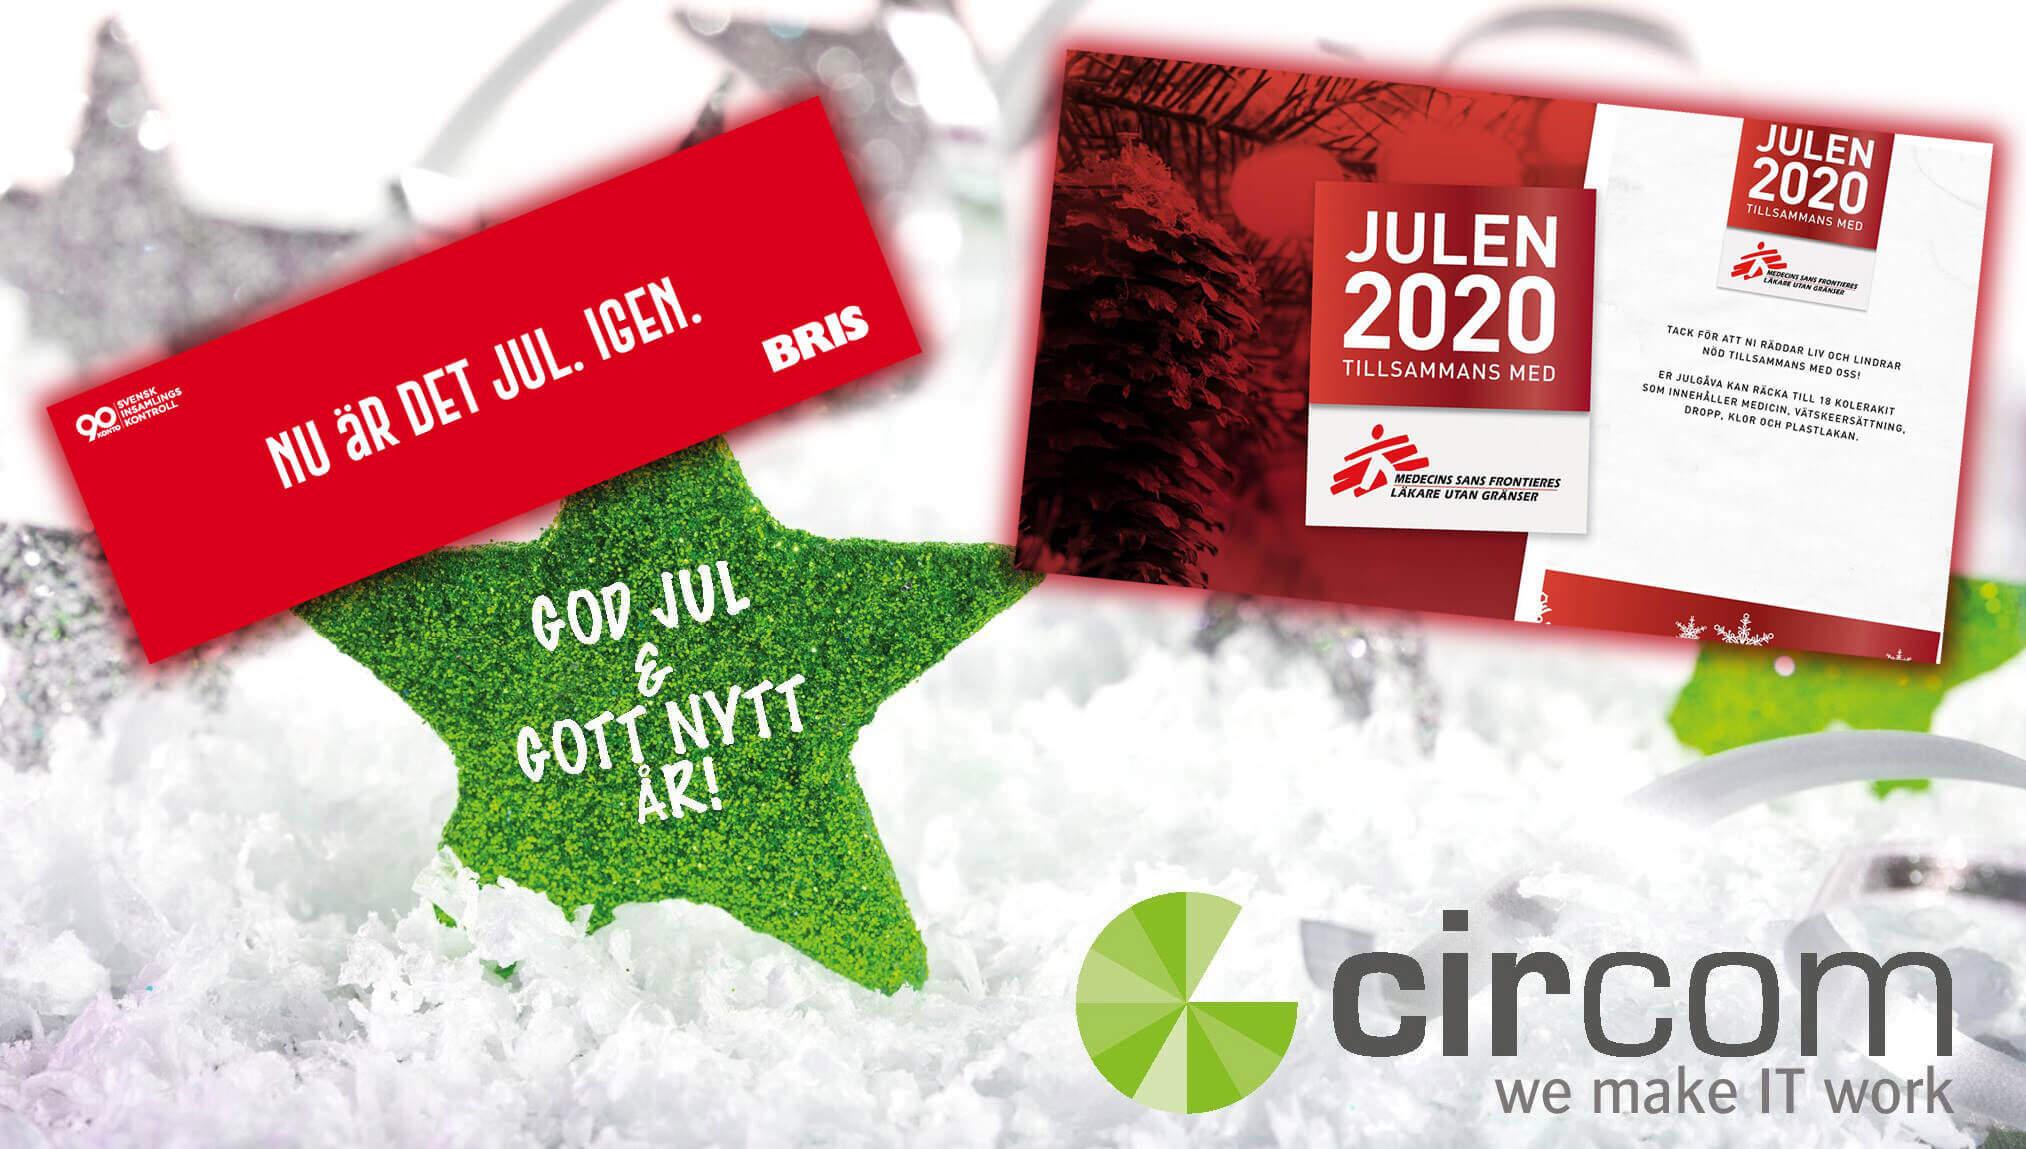 circom-onskar-god-jul-2020